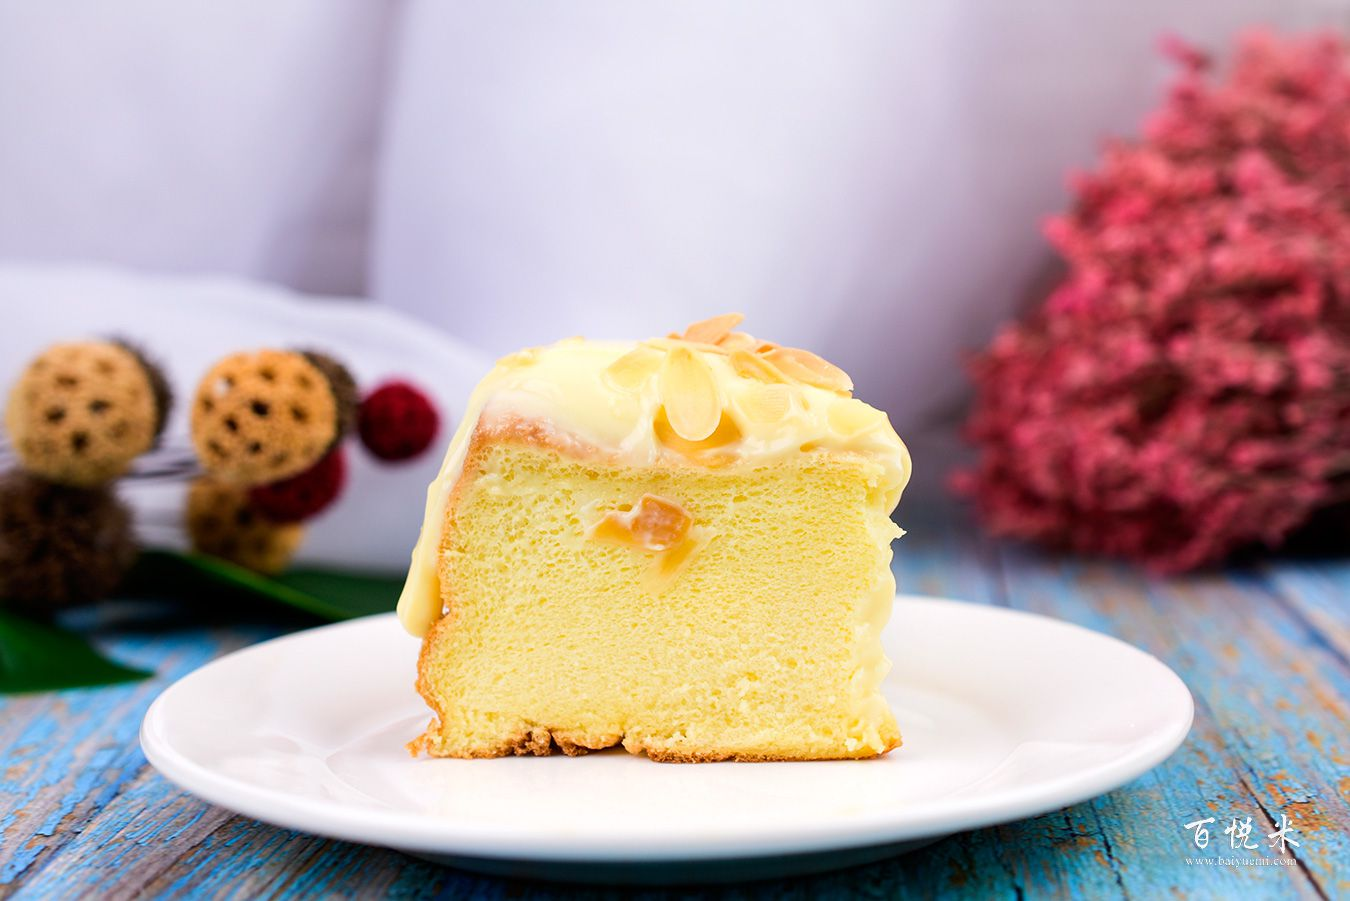 海盐奶盖蛋糕高清图片大全【蛋糕图片】_748